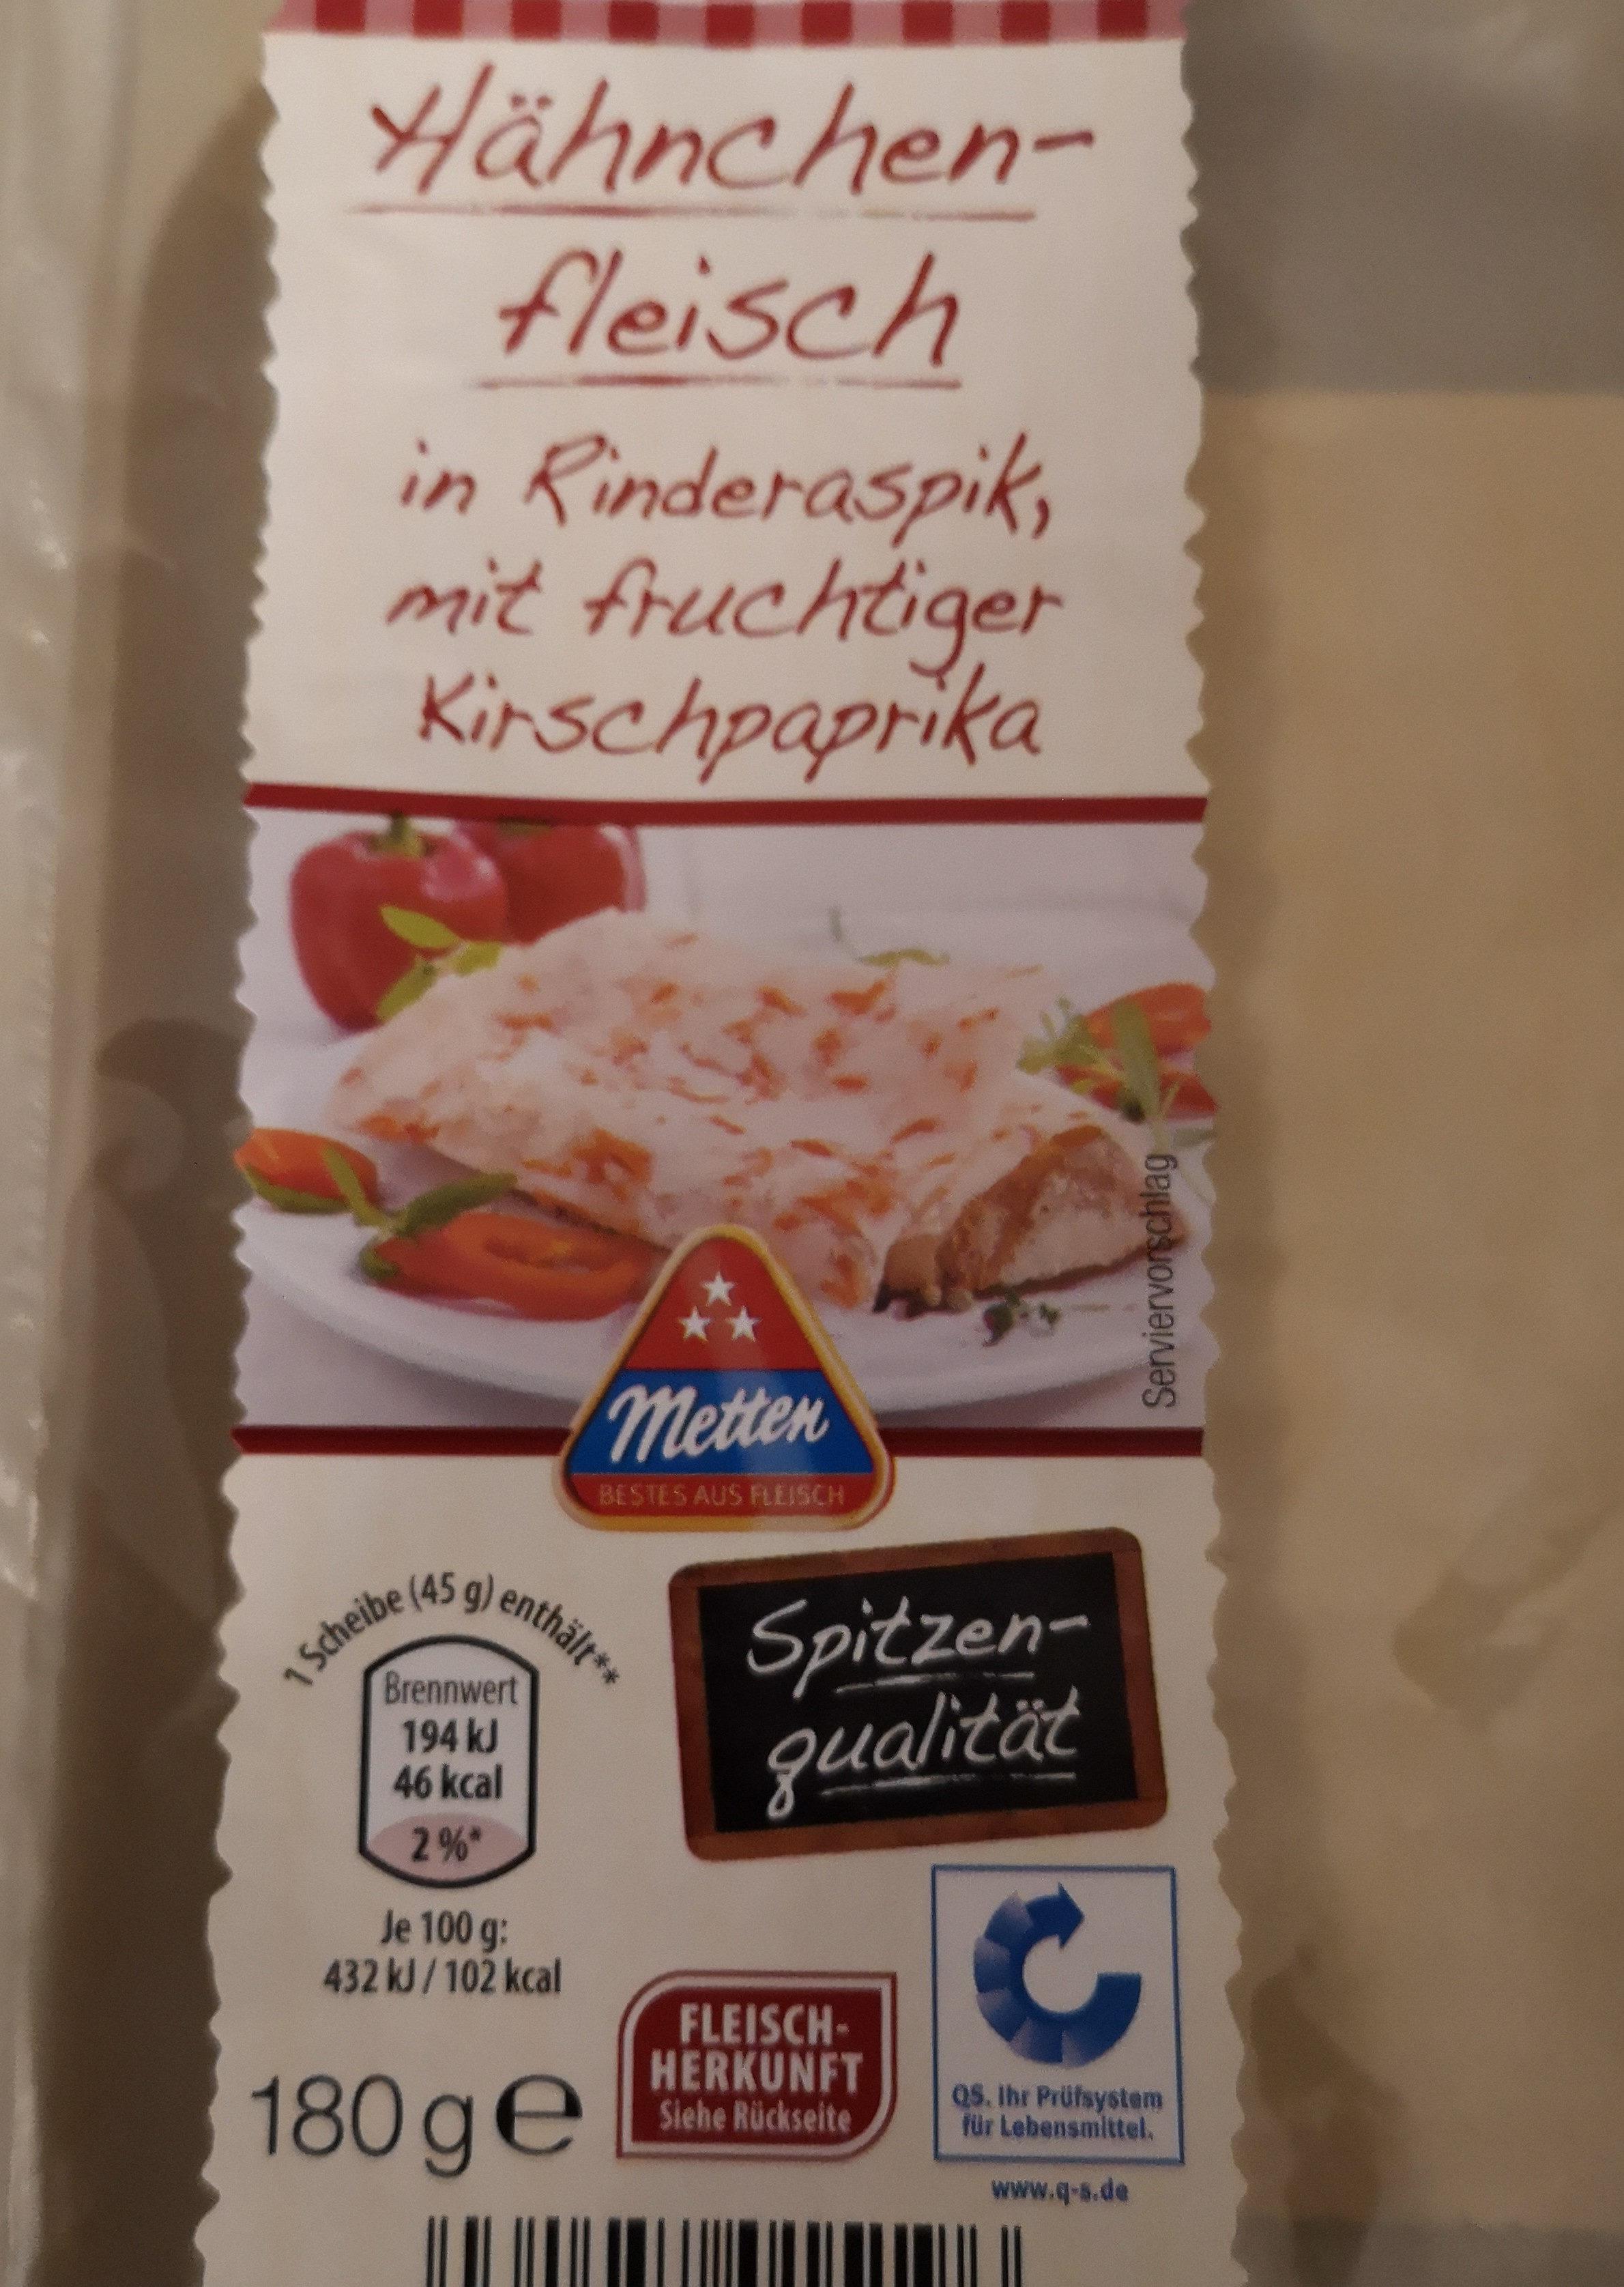 Hähnchenfleisch in Rinderaspik - Product - de